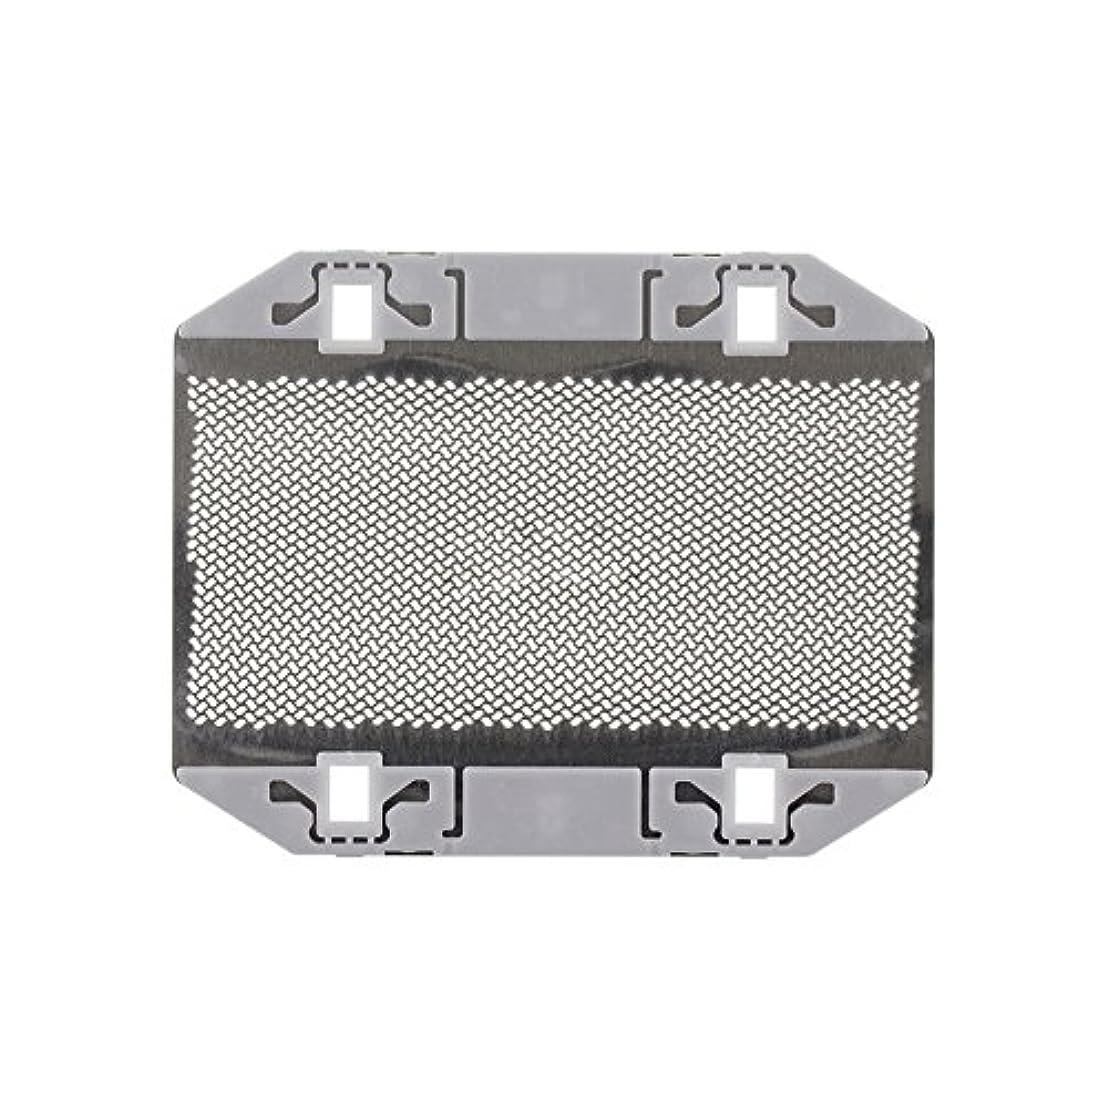 離すネスト留め金Juleyaing シェーバー用品 回転式シェーバー 部品 外刃 替刃 交代品 for Panasonic ES9943 ES3042 ES3801 ES3750 ES365 ES366